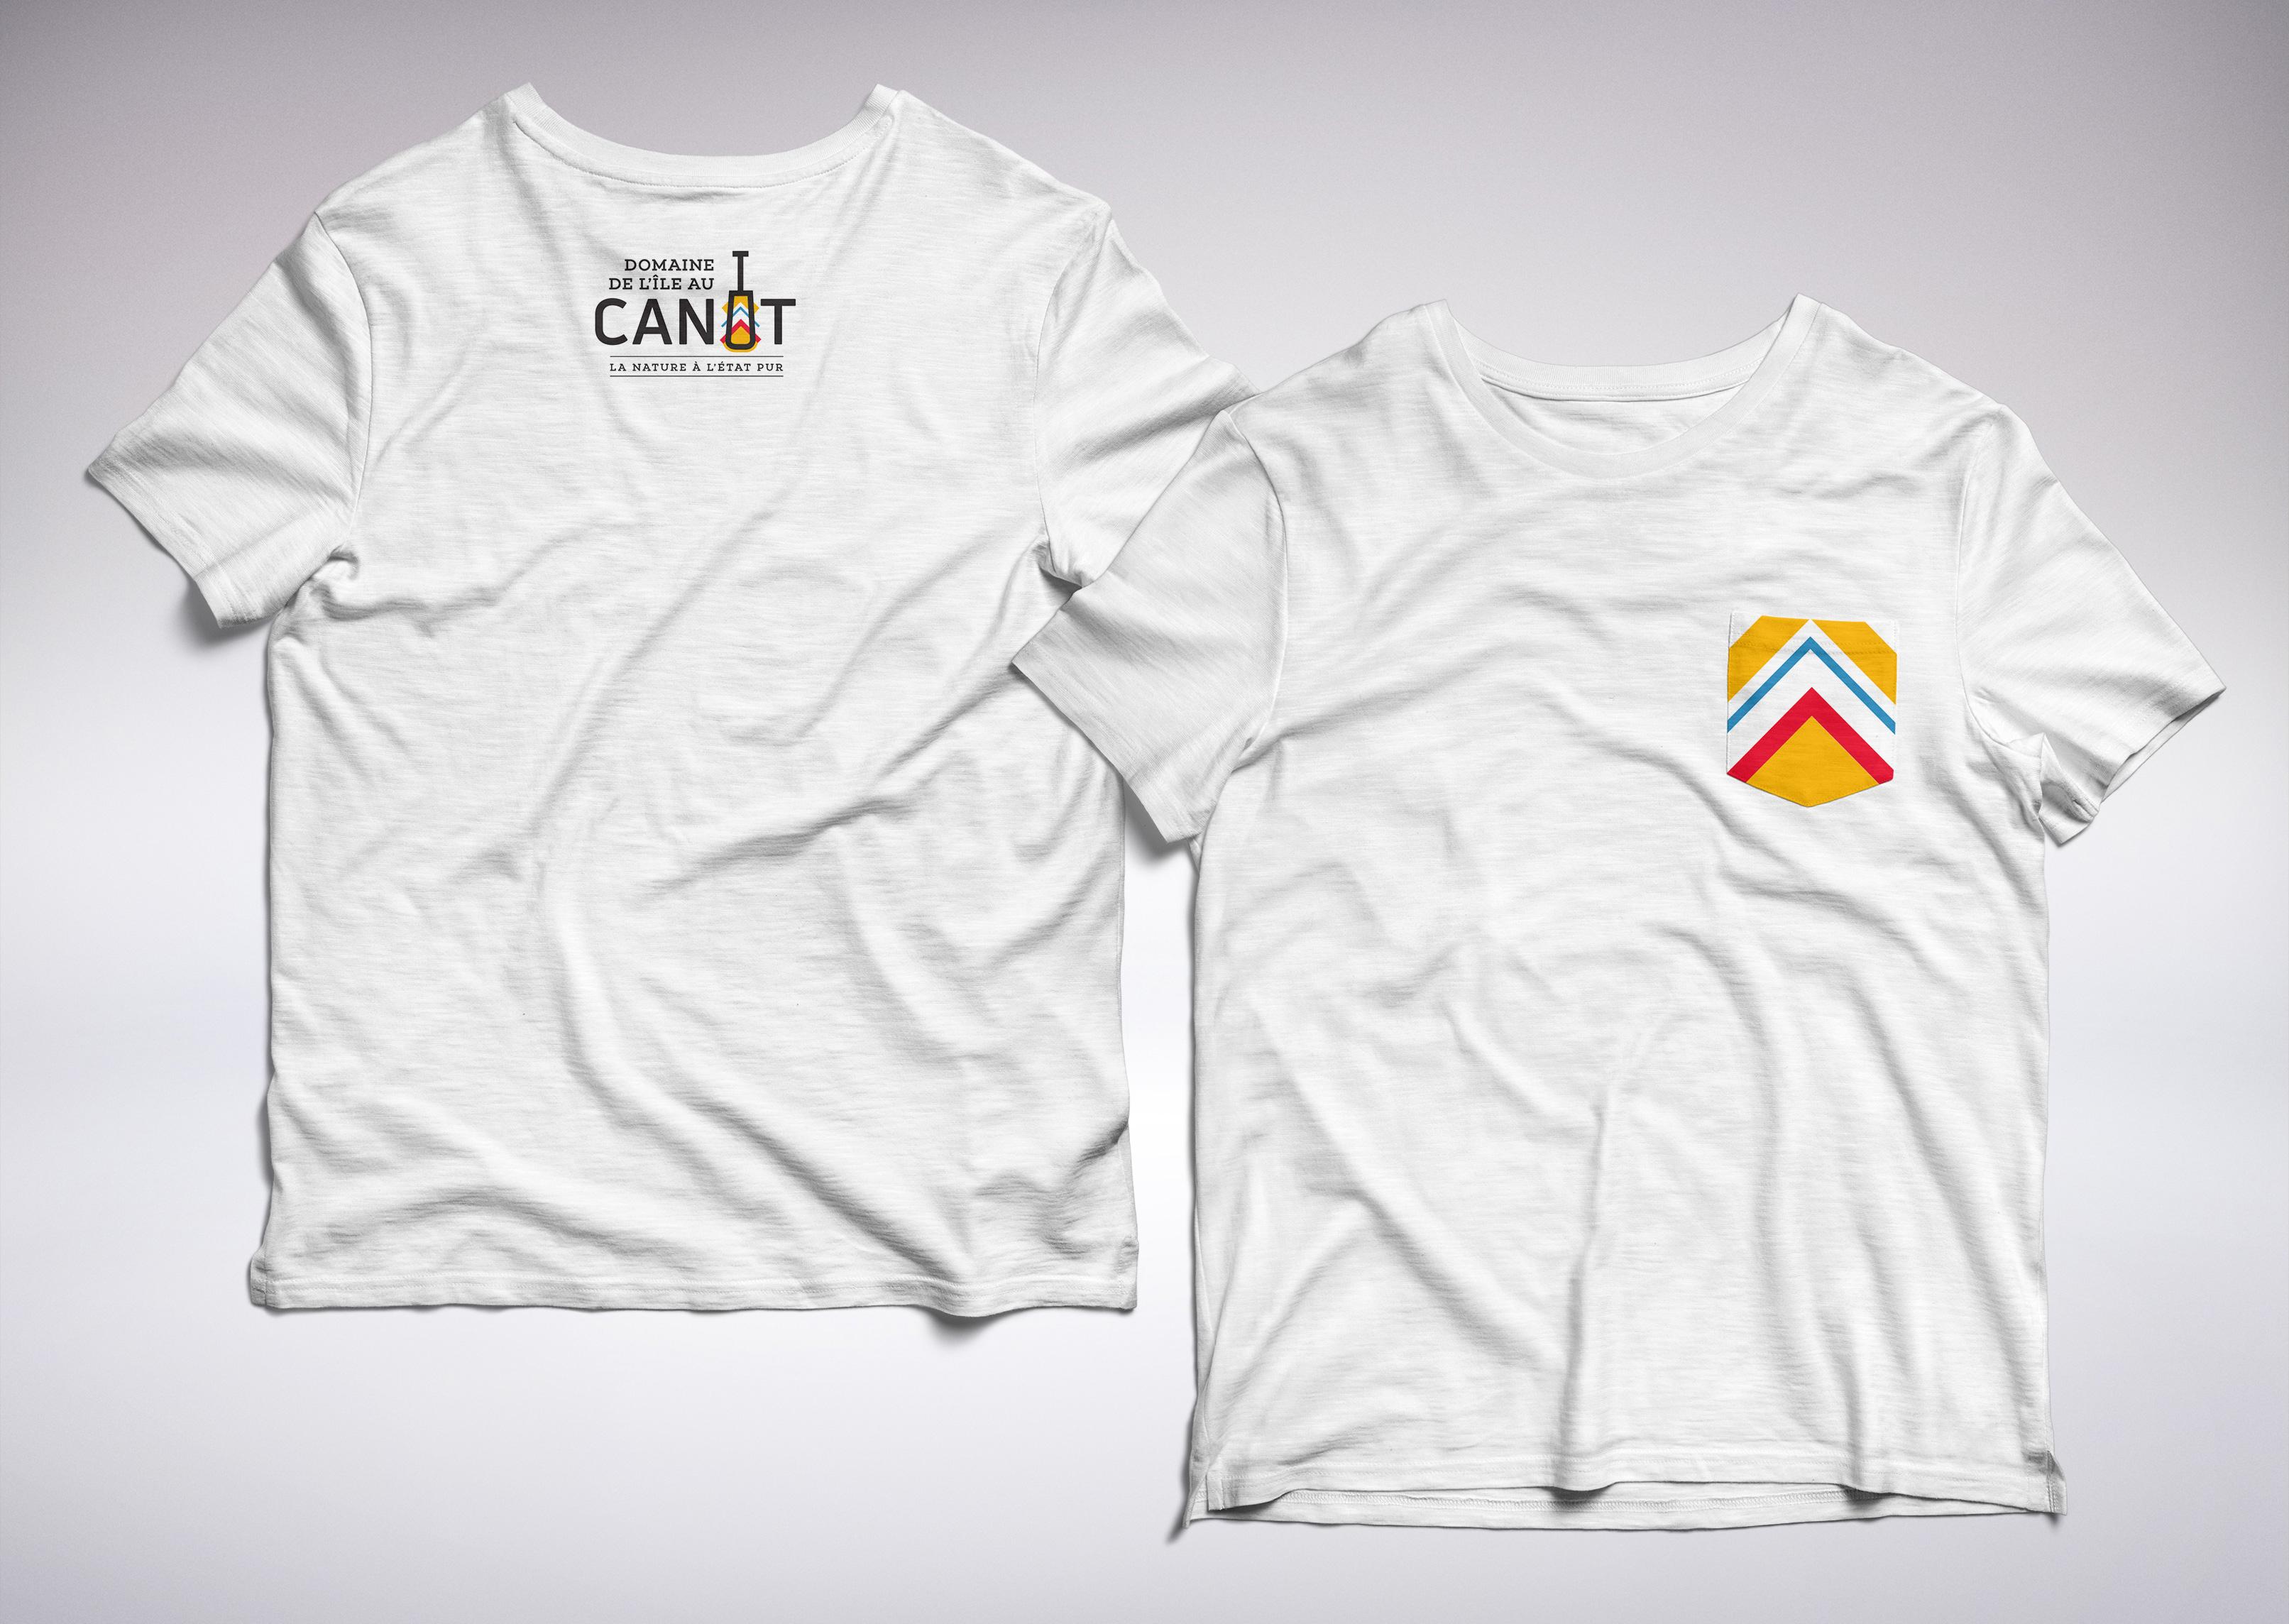 ile-au-canot-t-shirt